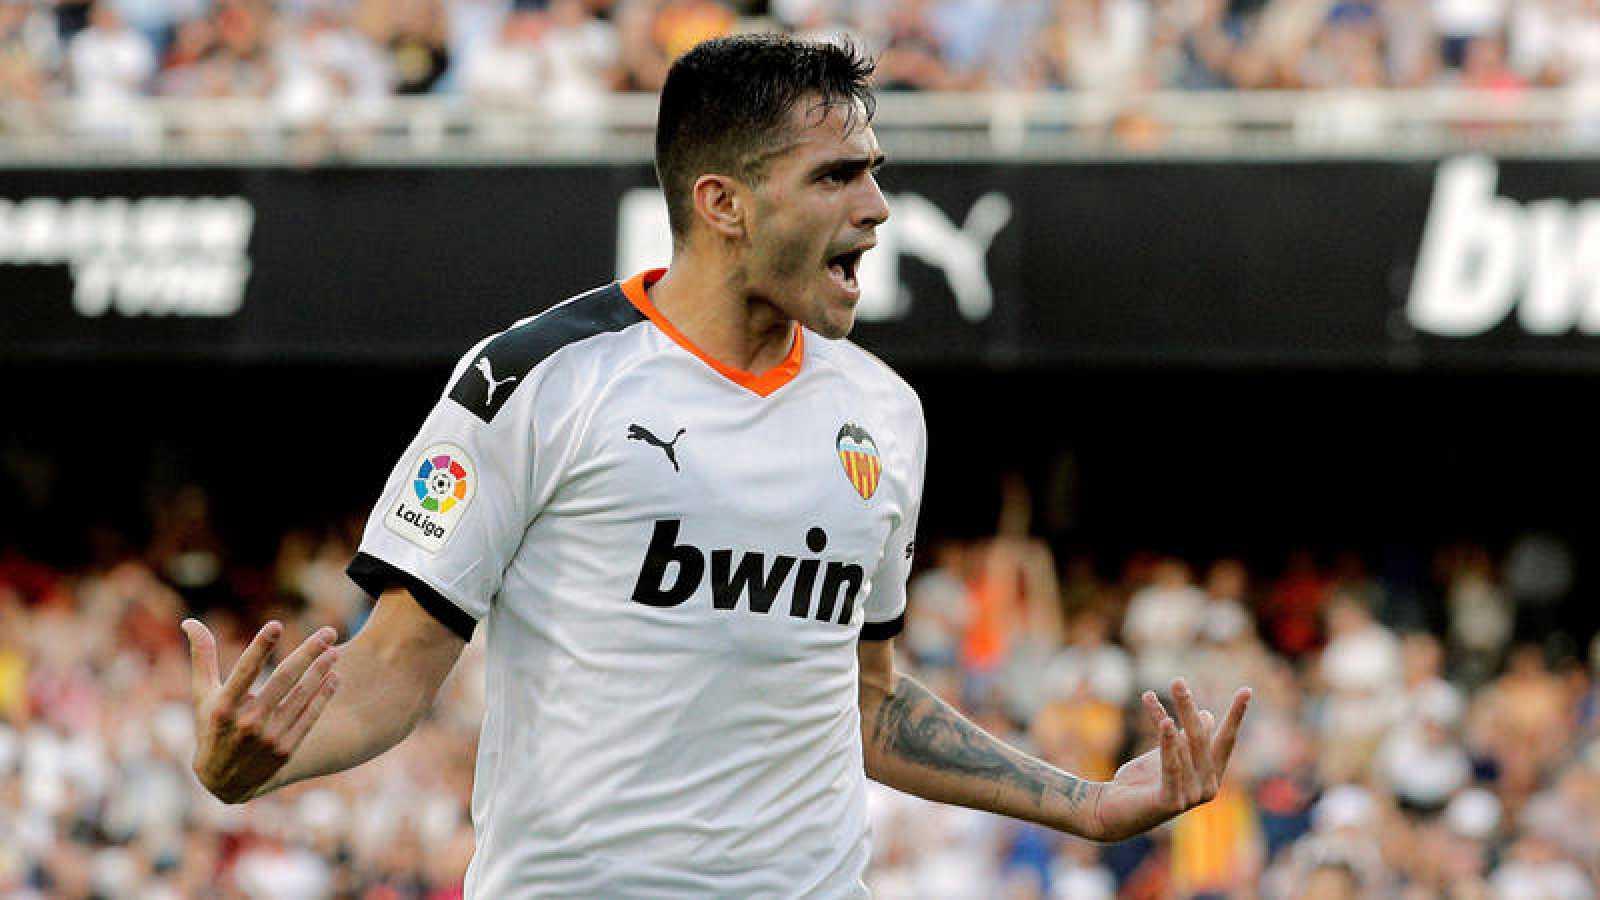 Maxi Gómez celebra el gol marcado ante el Alavés